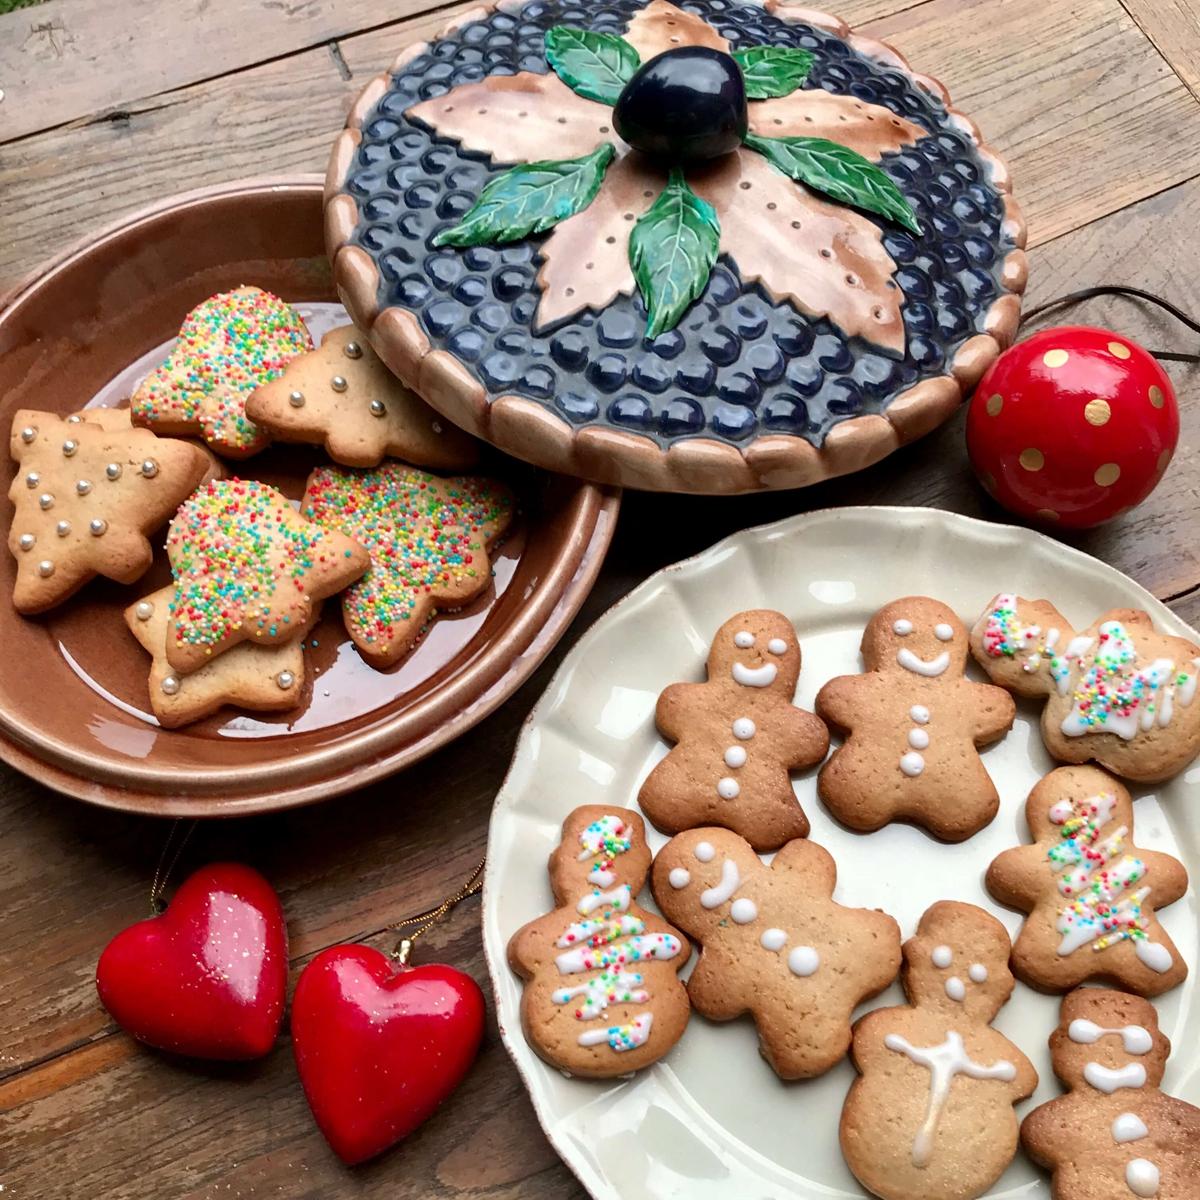 Recetas de galletas navideñas sencillas y sorprendentes 2